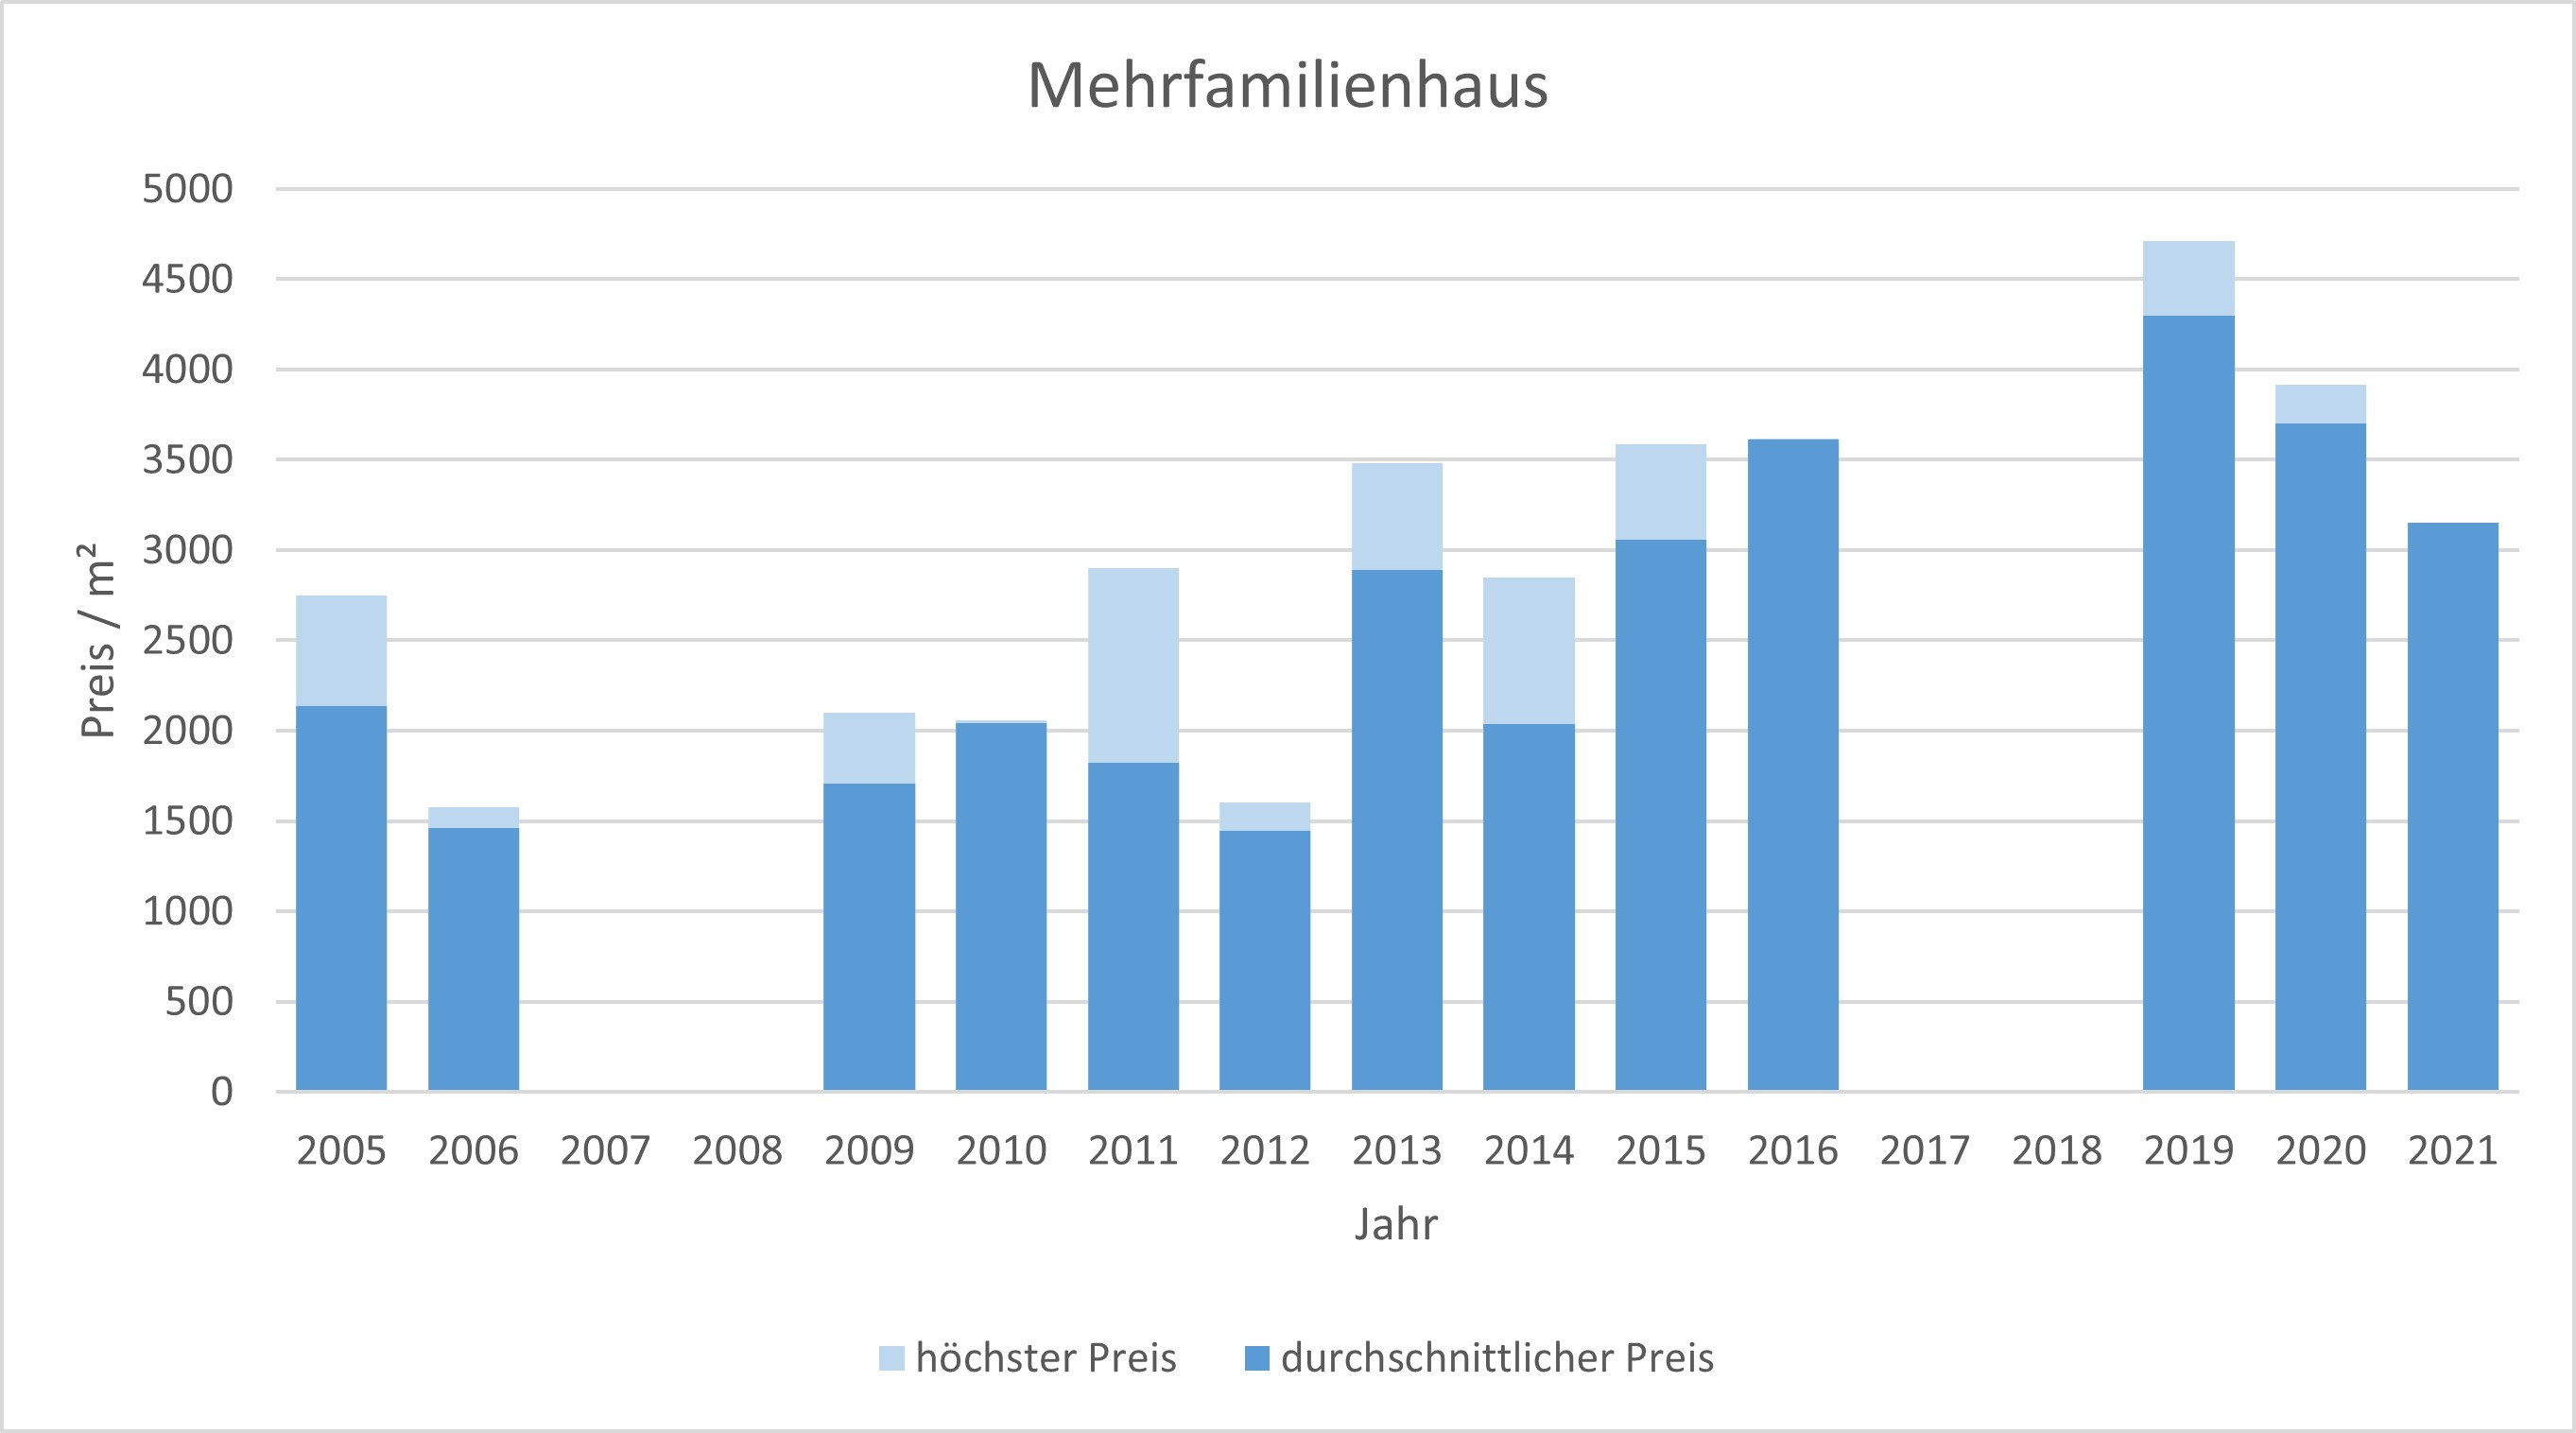 Waakirchen Mehrfamilienhaus kaufen verkaufen Preis Bewertung Makler 2019 2020 2021 www.happy-immo.de